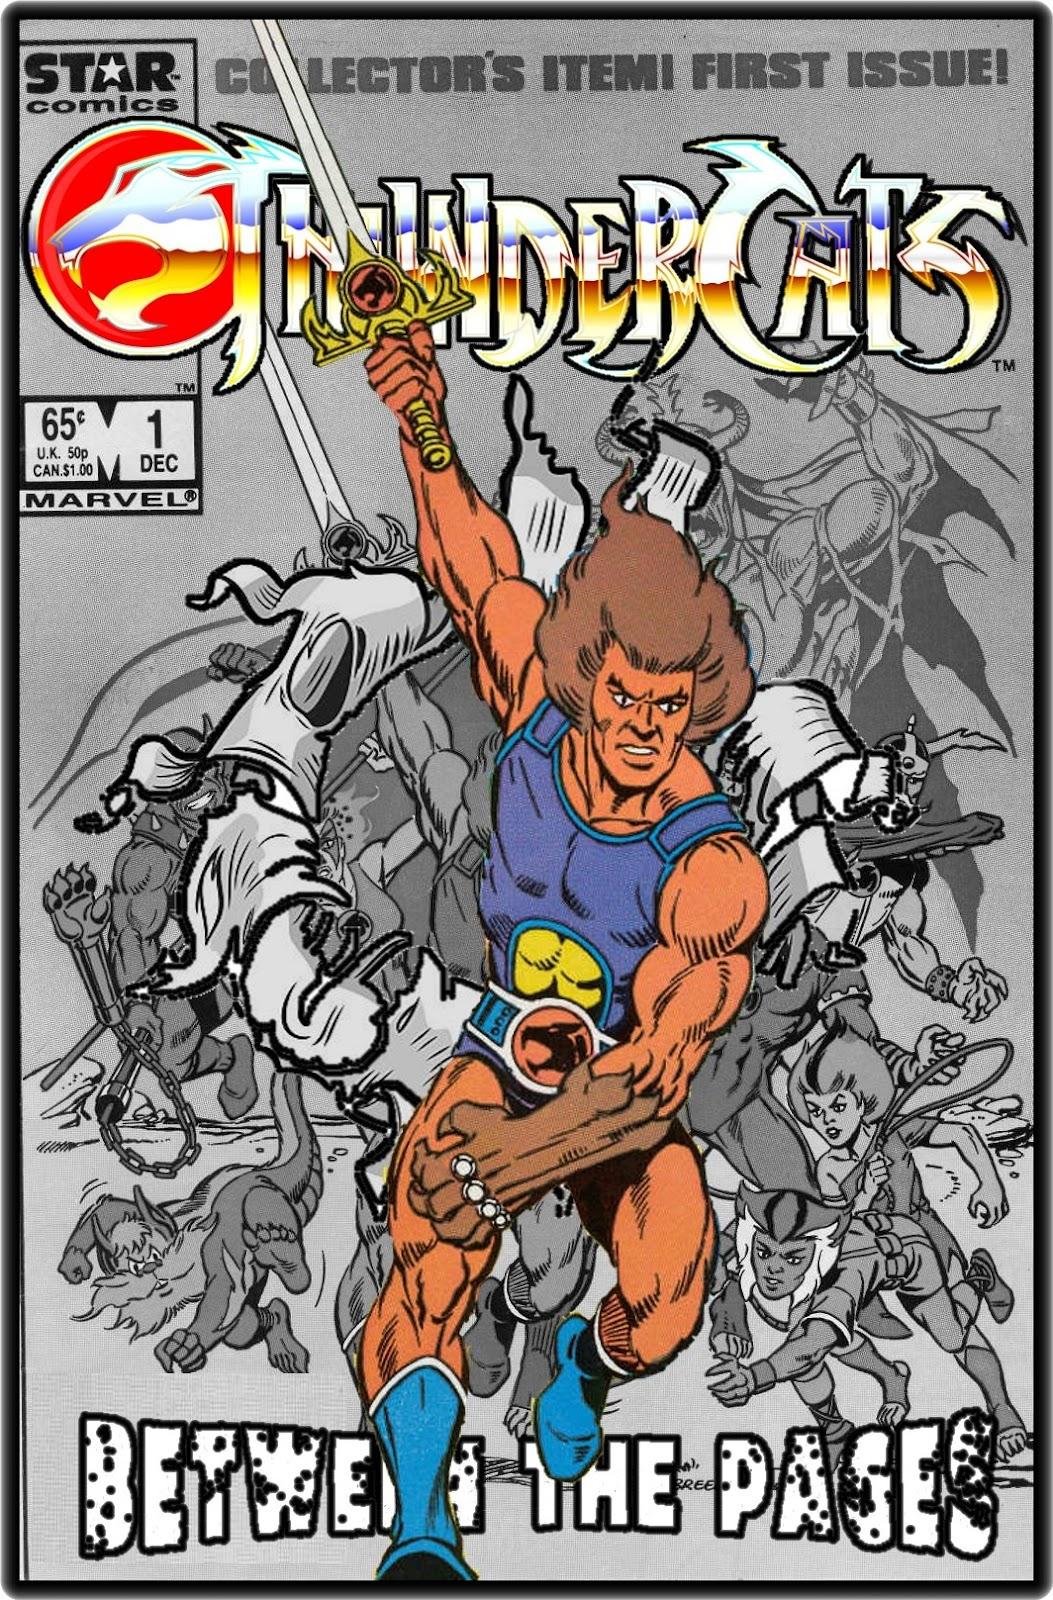 ThunderCats #1 Cover